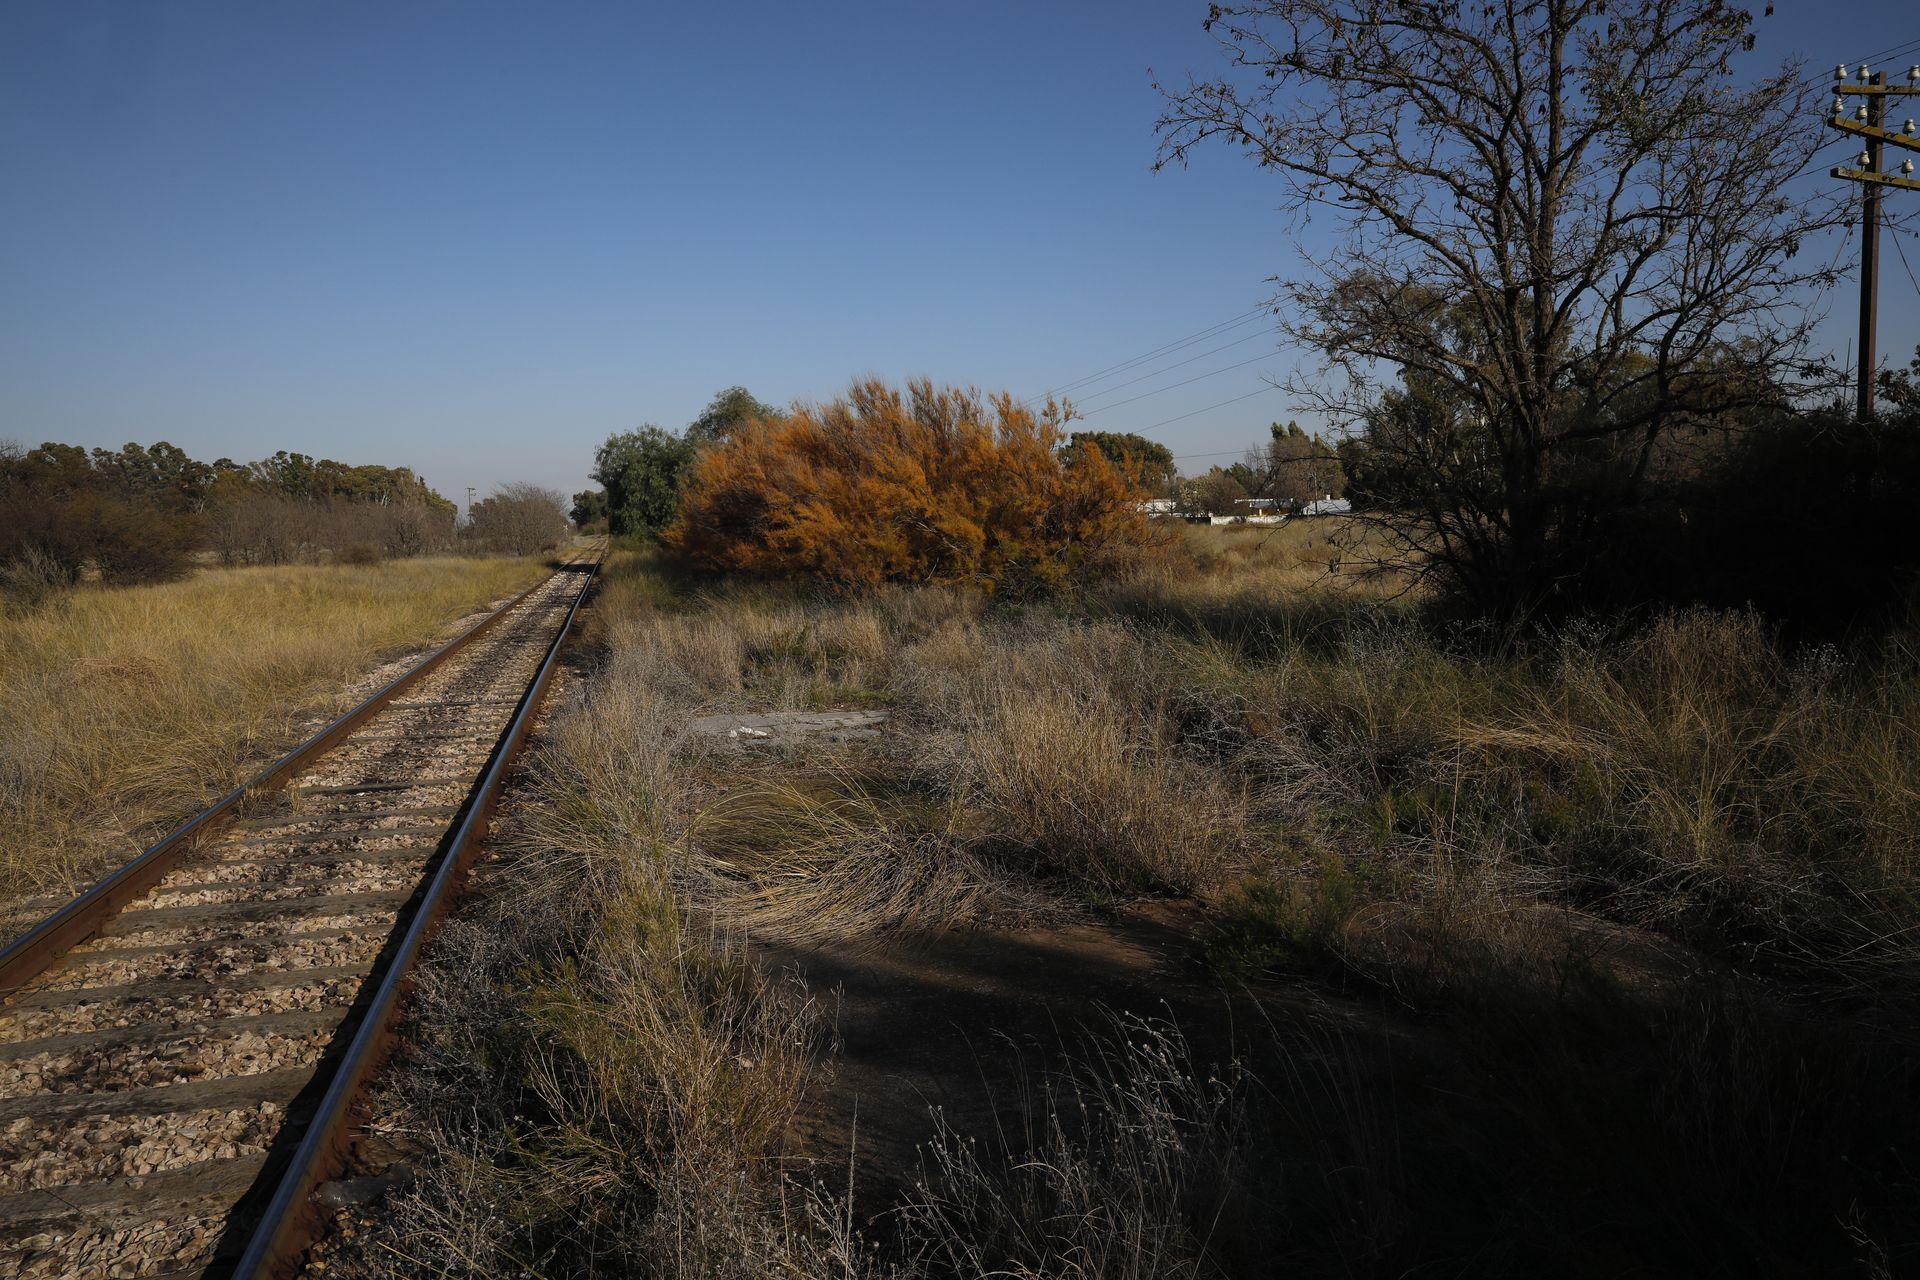 La estación de tren fue desmantelada y donde antes se hallaba el andén hoy crece el pastizal